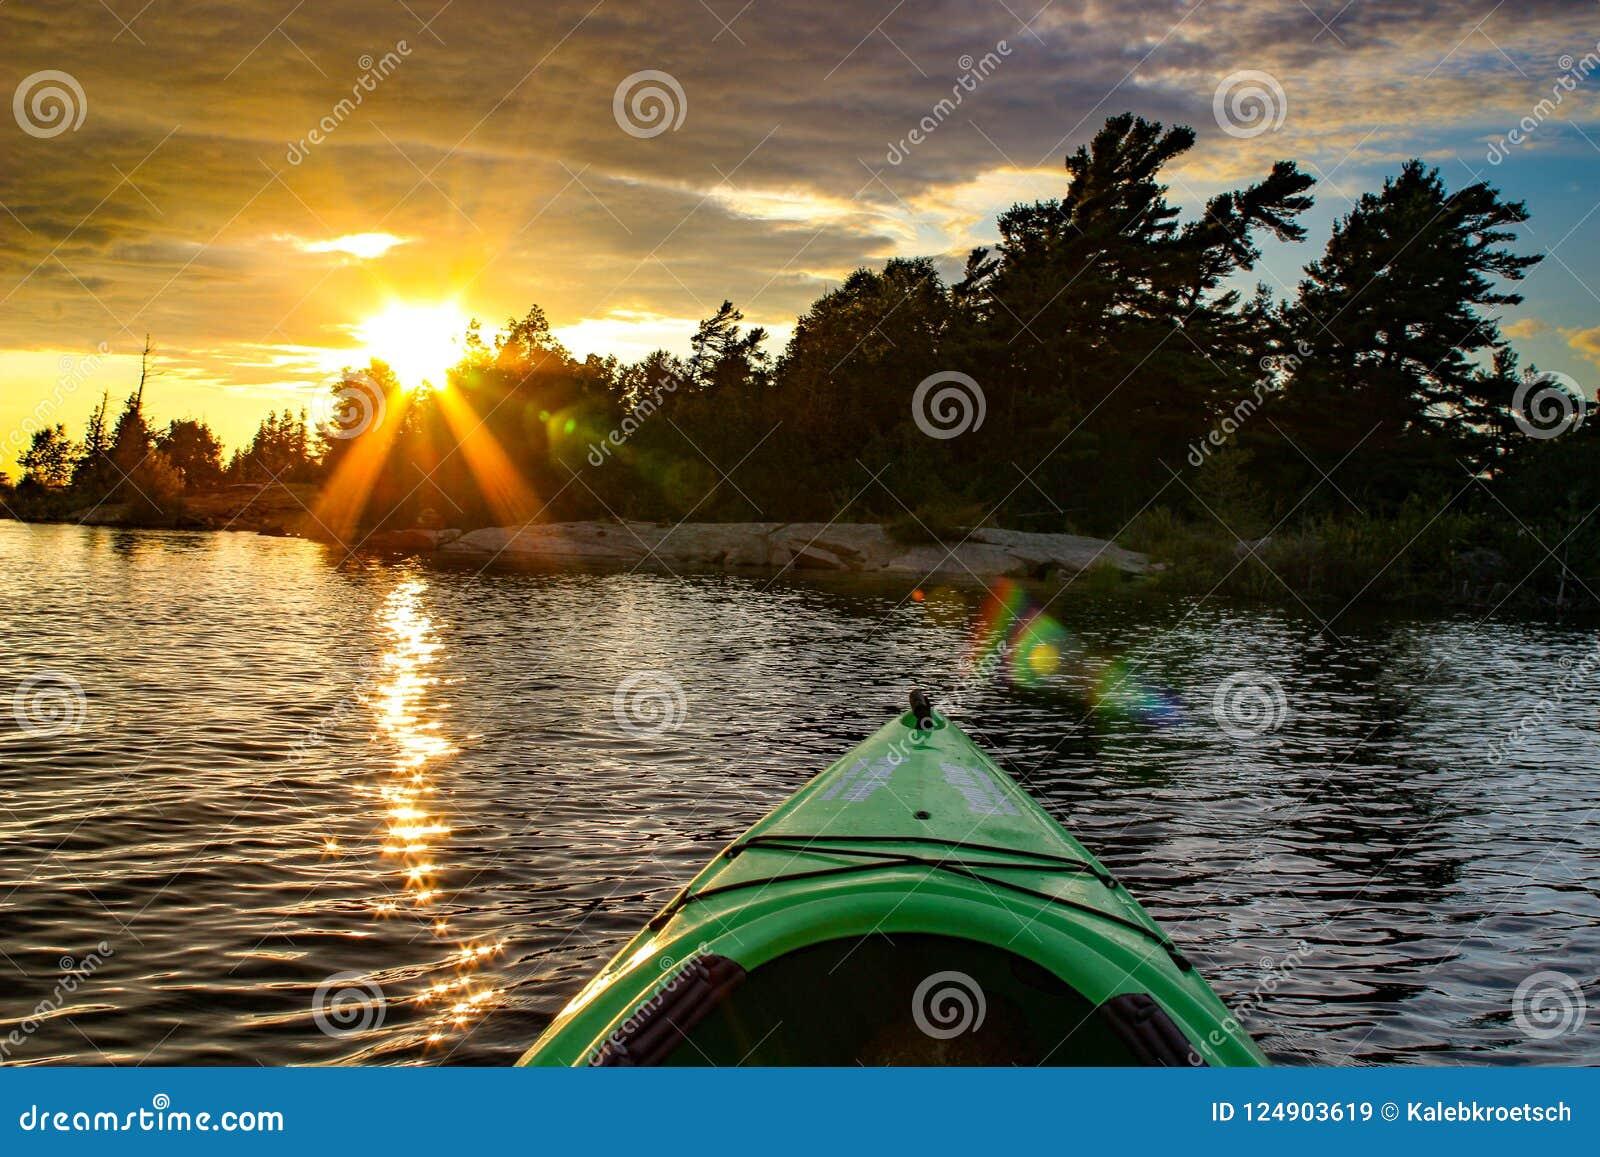 Καγιάκ σε μια λίμνη σε ένα φλογερό ηλιοβασίλεμα Περιοχή του Οντάριο Muskoka